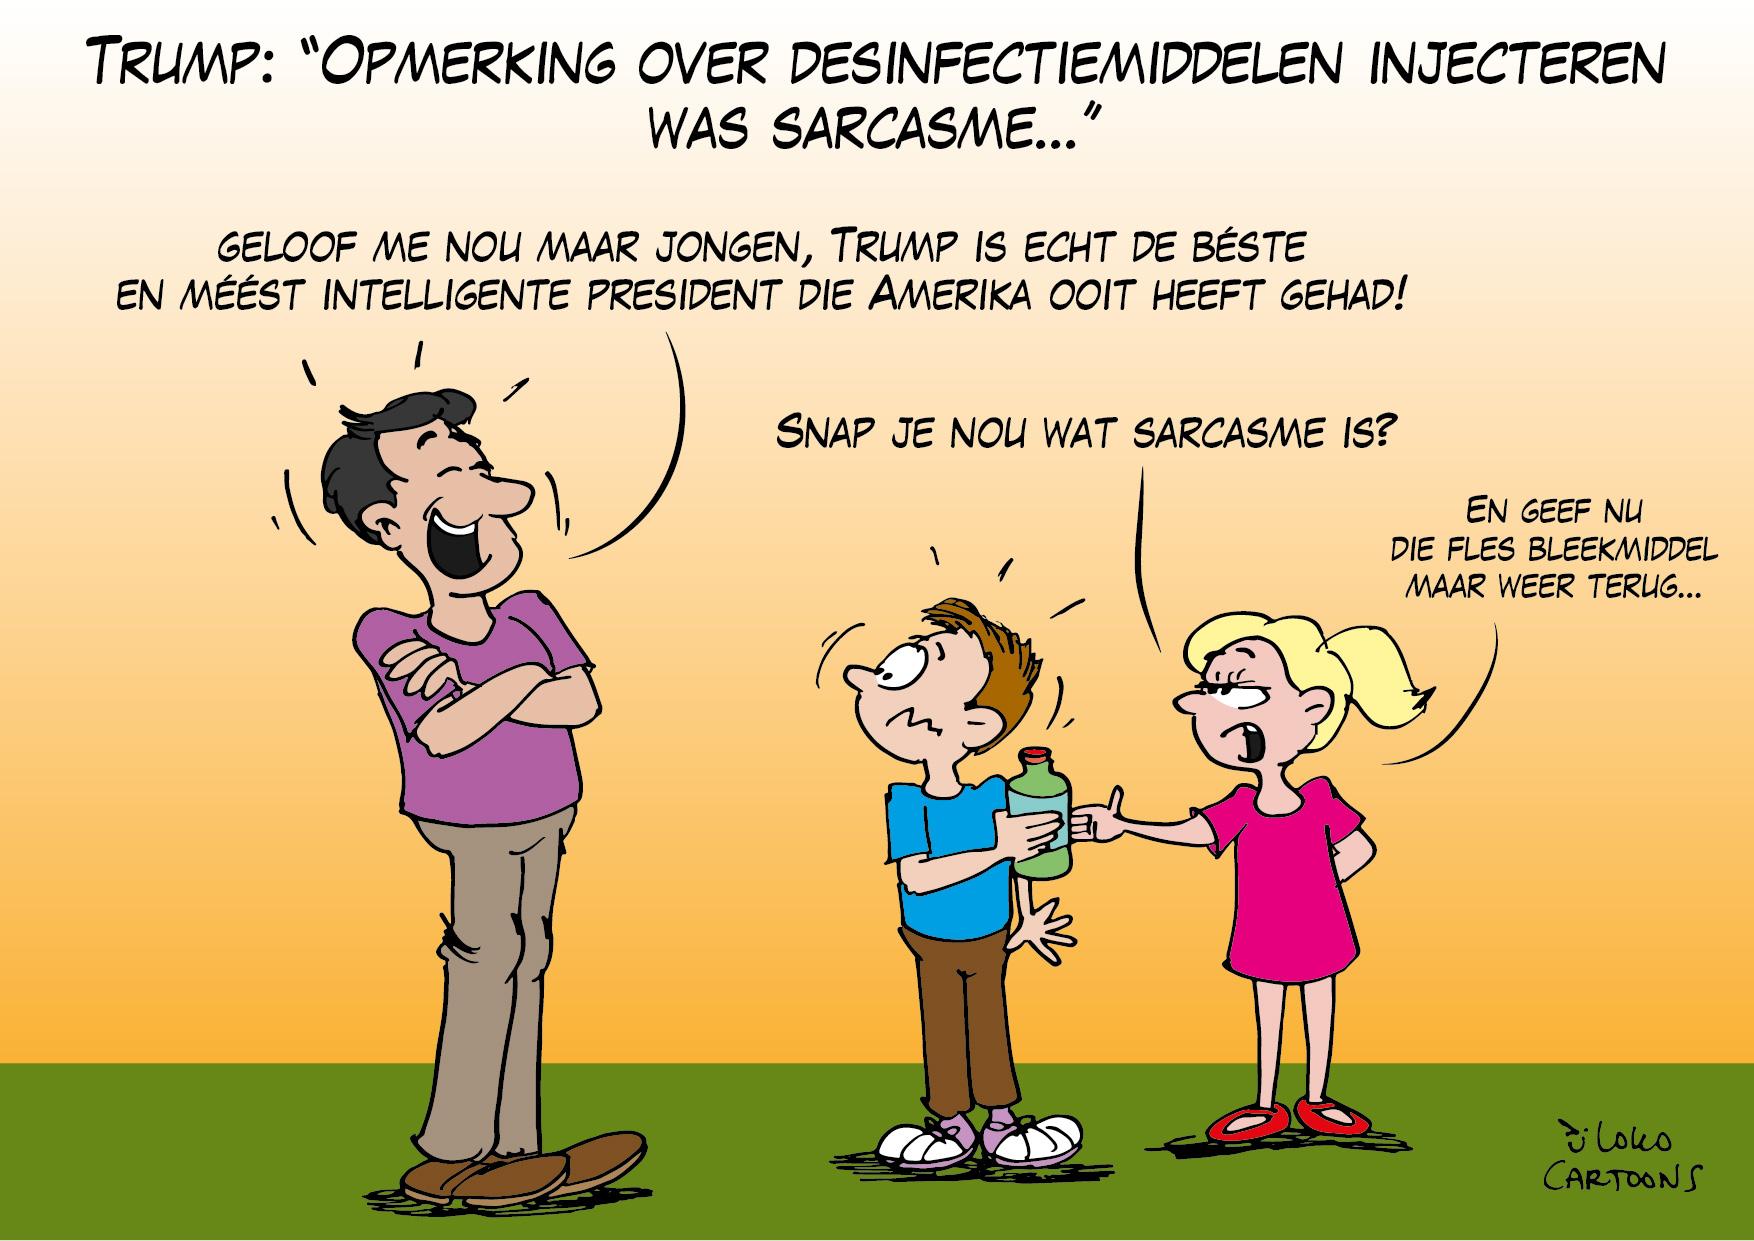 """Trump: """"Opmerking over desinfectiemiddelen injecteren was sarcasme""""…"""